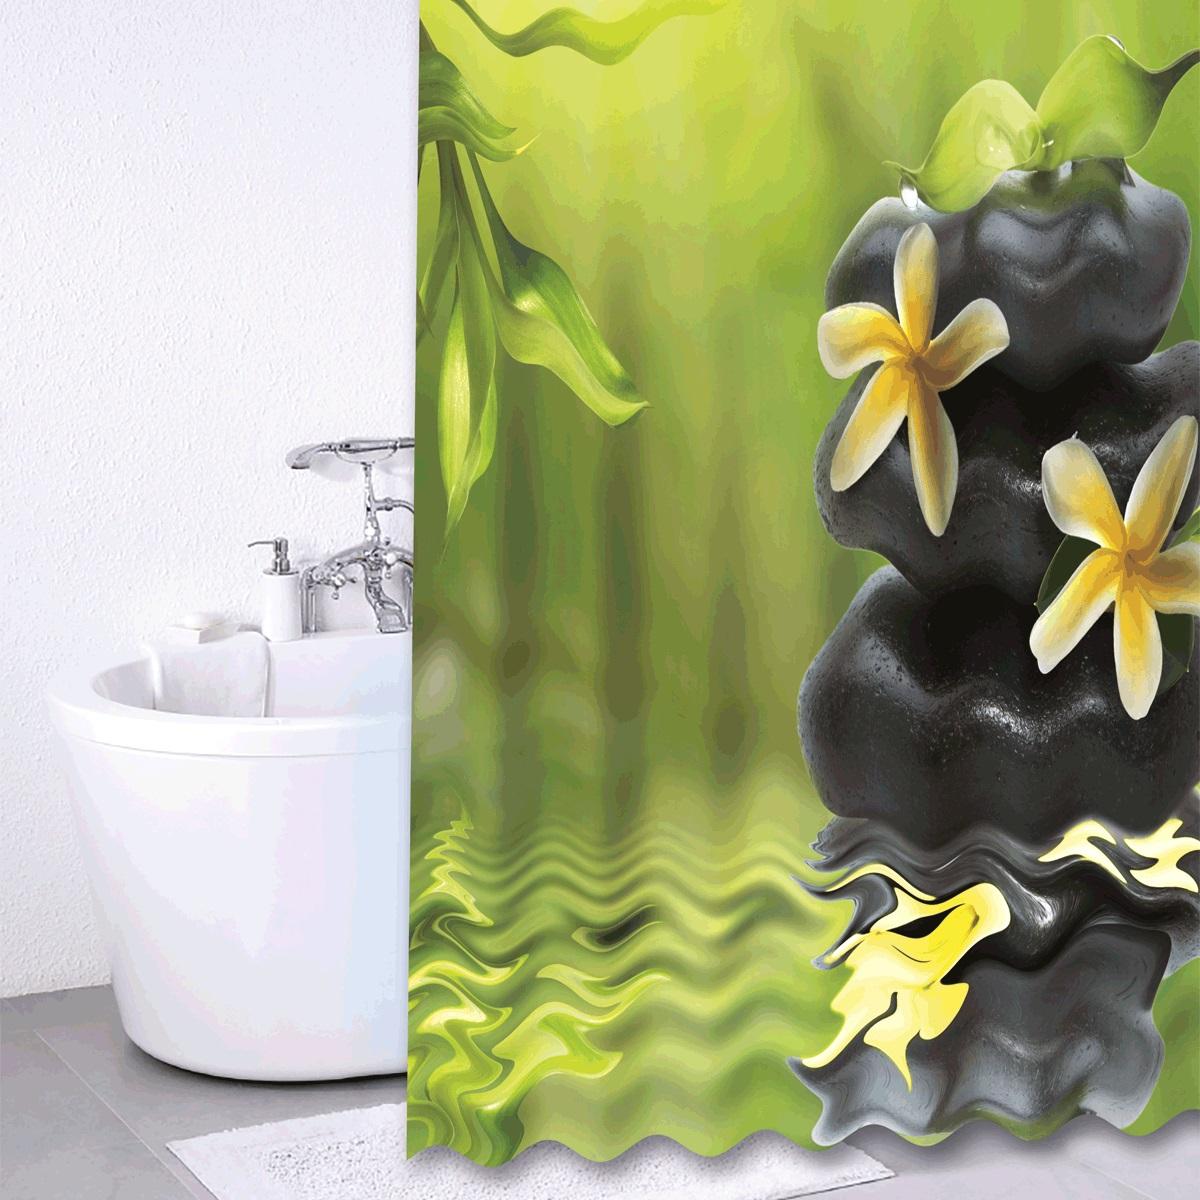 Штора для ванной Iddis Spa Therapy, цвет: зеленый, черный, 180 x 200 см680P18Ri11Штора для ванной комнаты Iddis выполнена из быстросохнущего материала - 100% полиэстера, что обеспечивает прочность изделия и легкость ухода за ним.Материал шторы пропитан специальным водоотталкивающим составом Waterprof.Изделие изготовлено из экологически-чистого материала, оно обладает высокой степенью гигиеничности, не вызывает аллергических реакций.Штора имеет 12 металлических люверсов. В комплекте: штора и кольца.